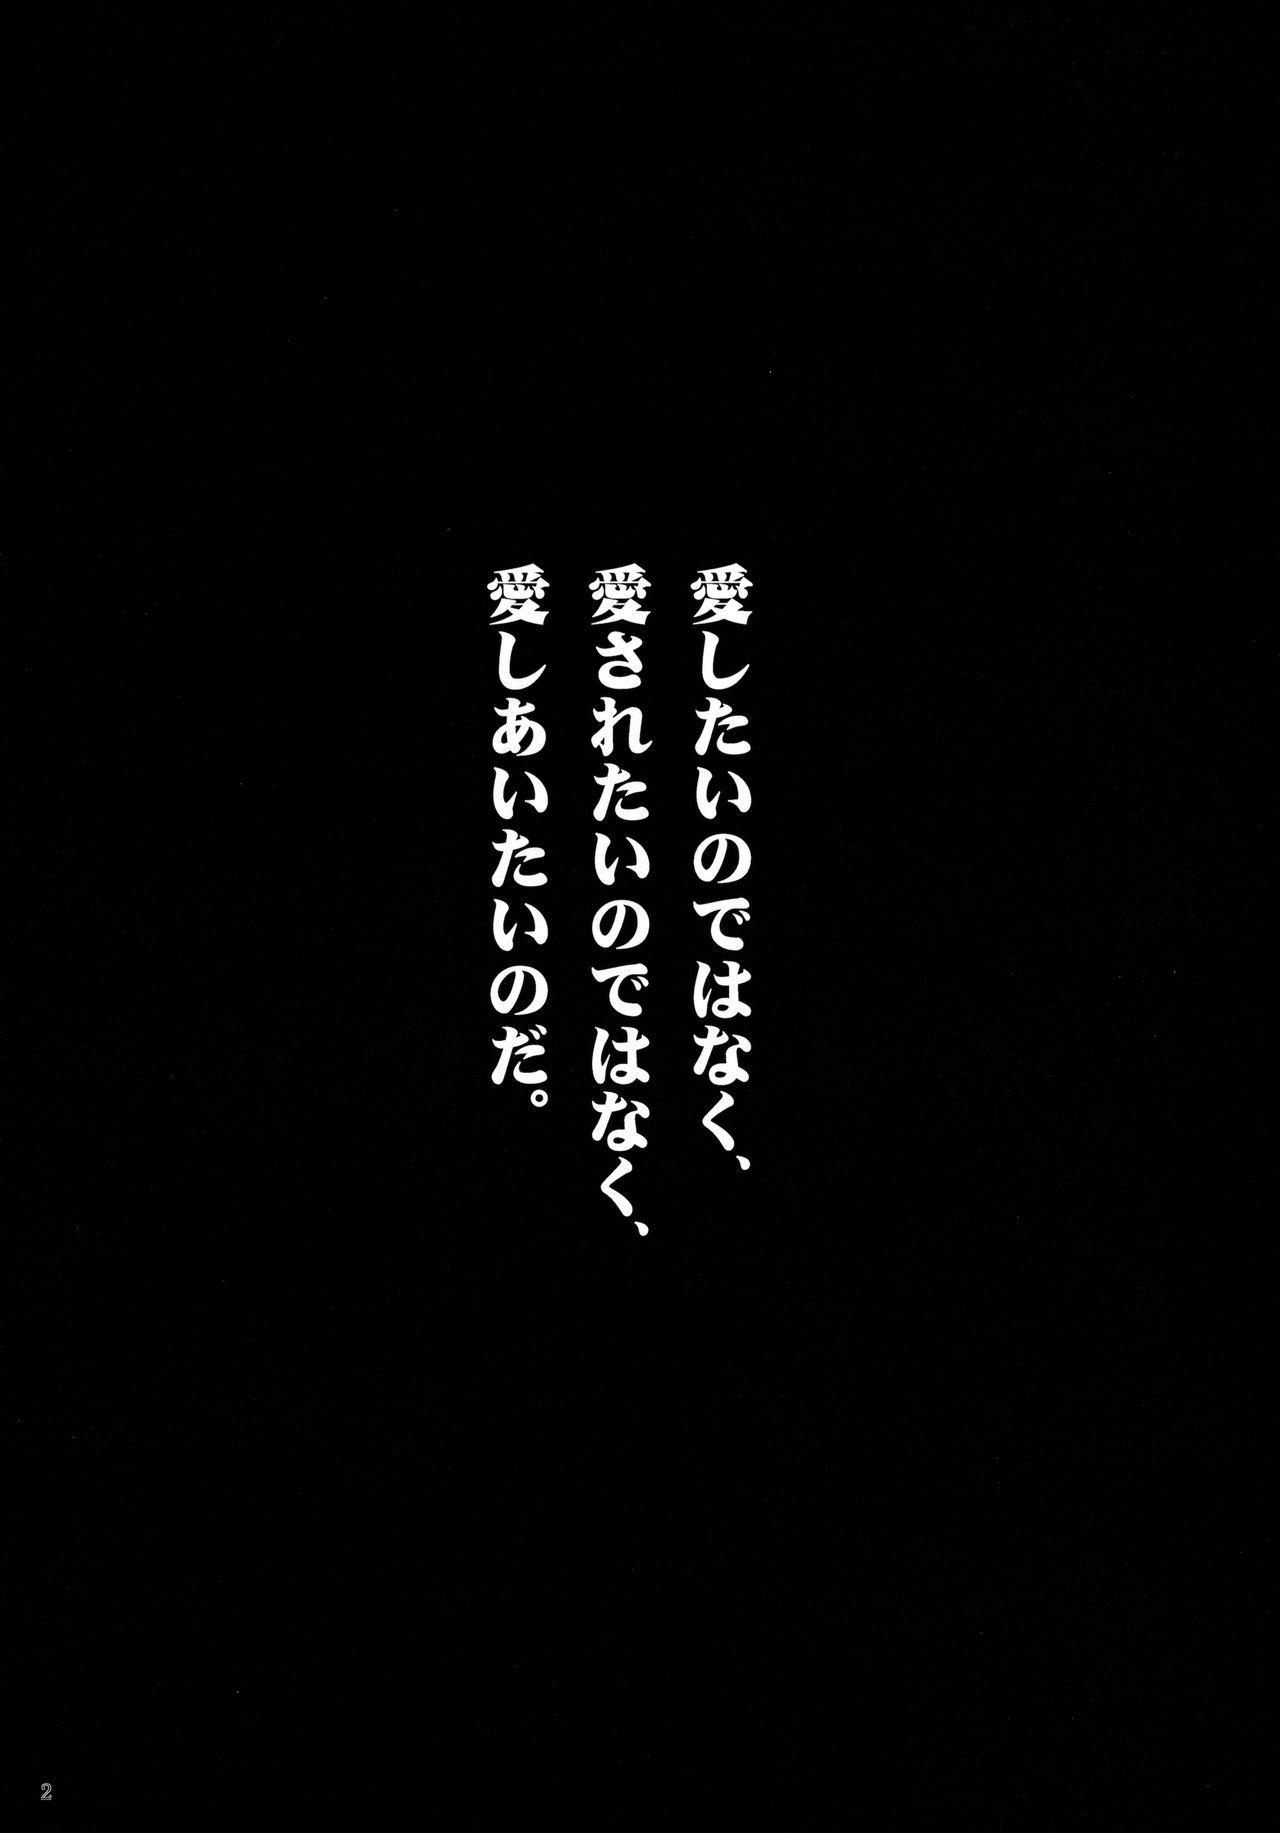 Image 3 in Mutsumigoto Ni